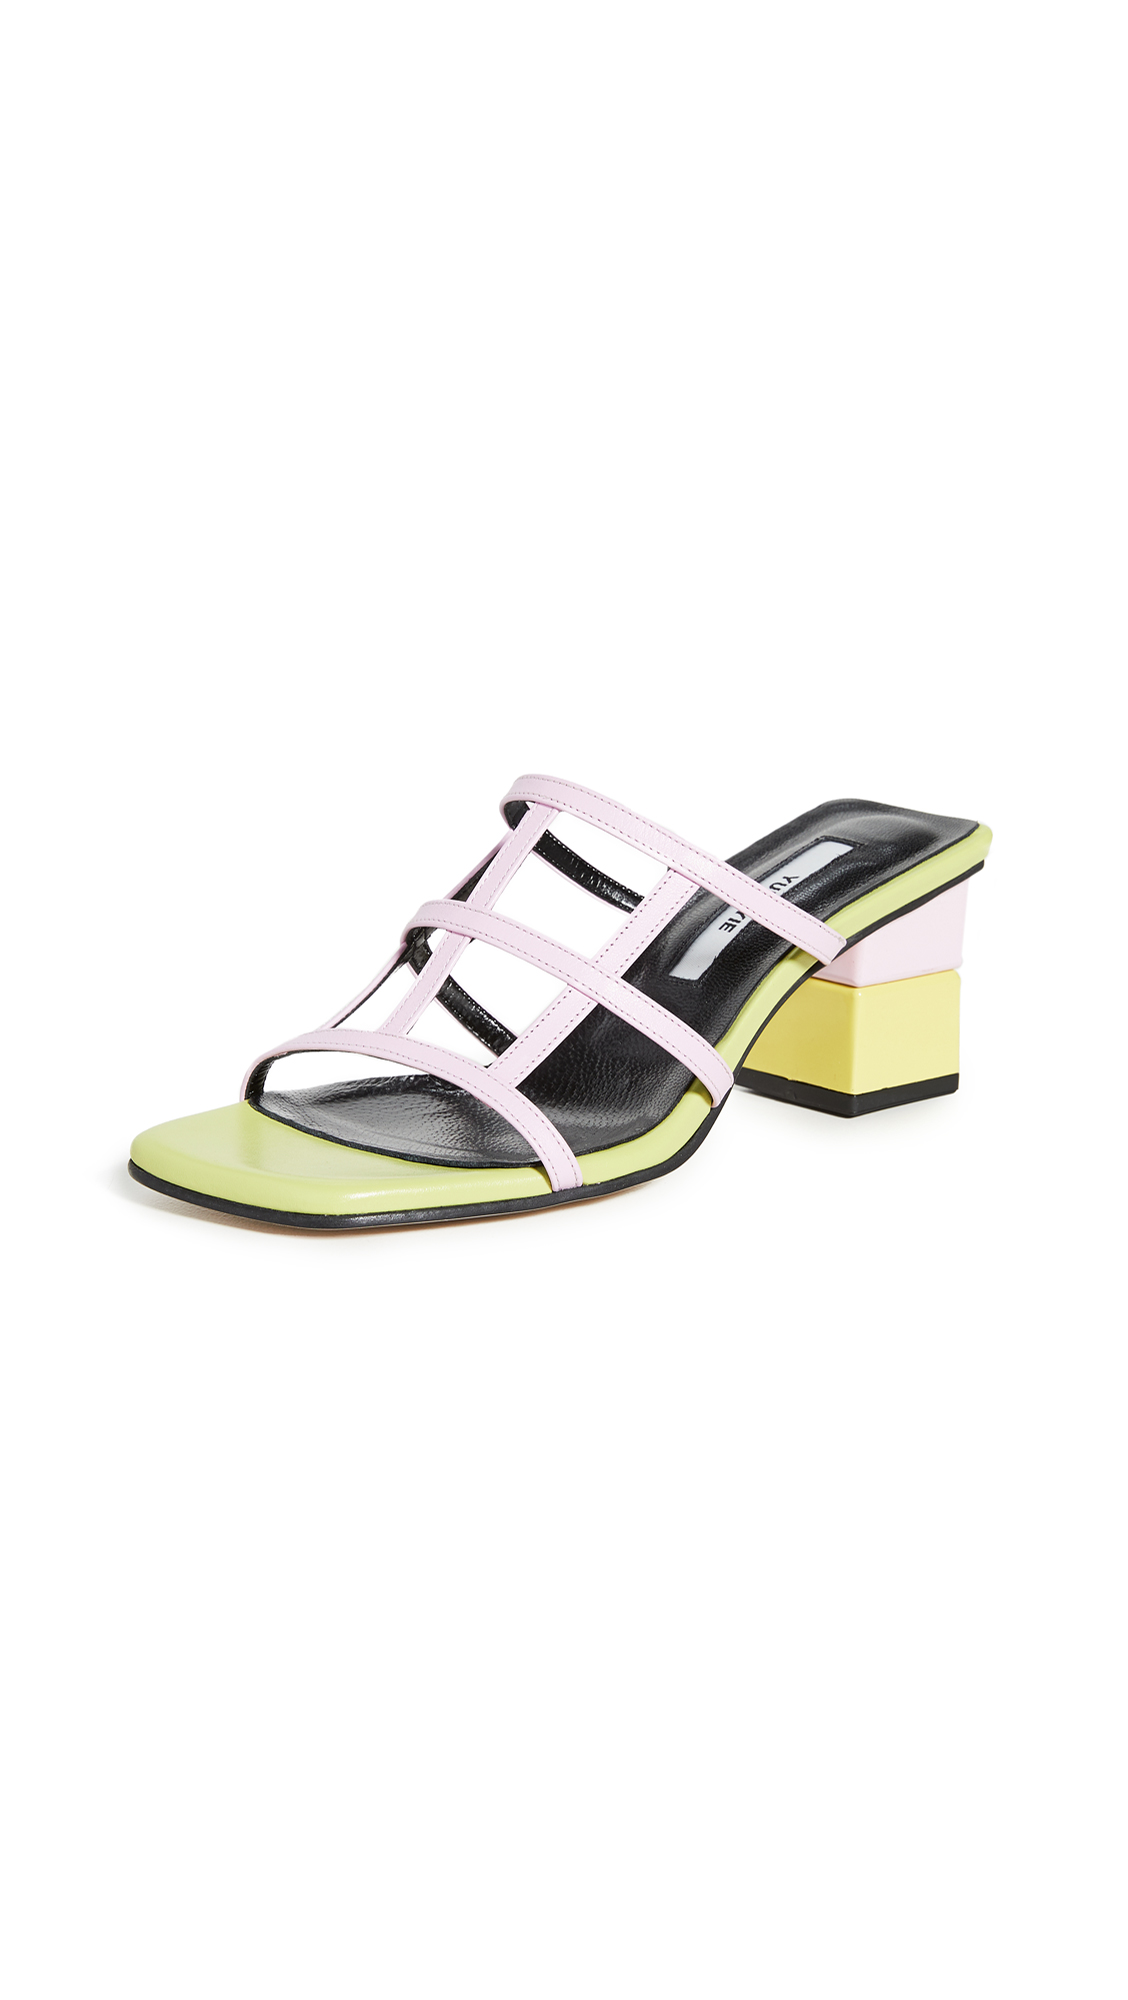 Buy Yuul Yie Waffle Sandals online, shop Yuul Yie